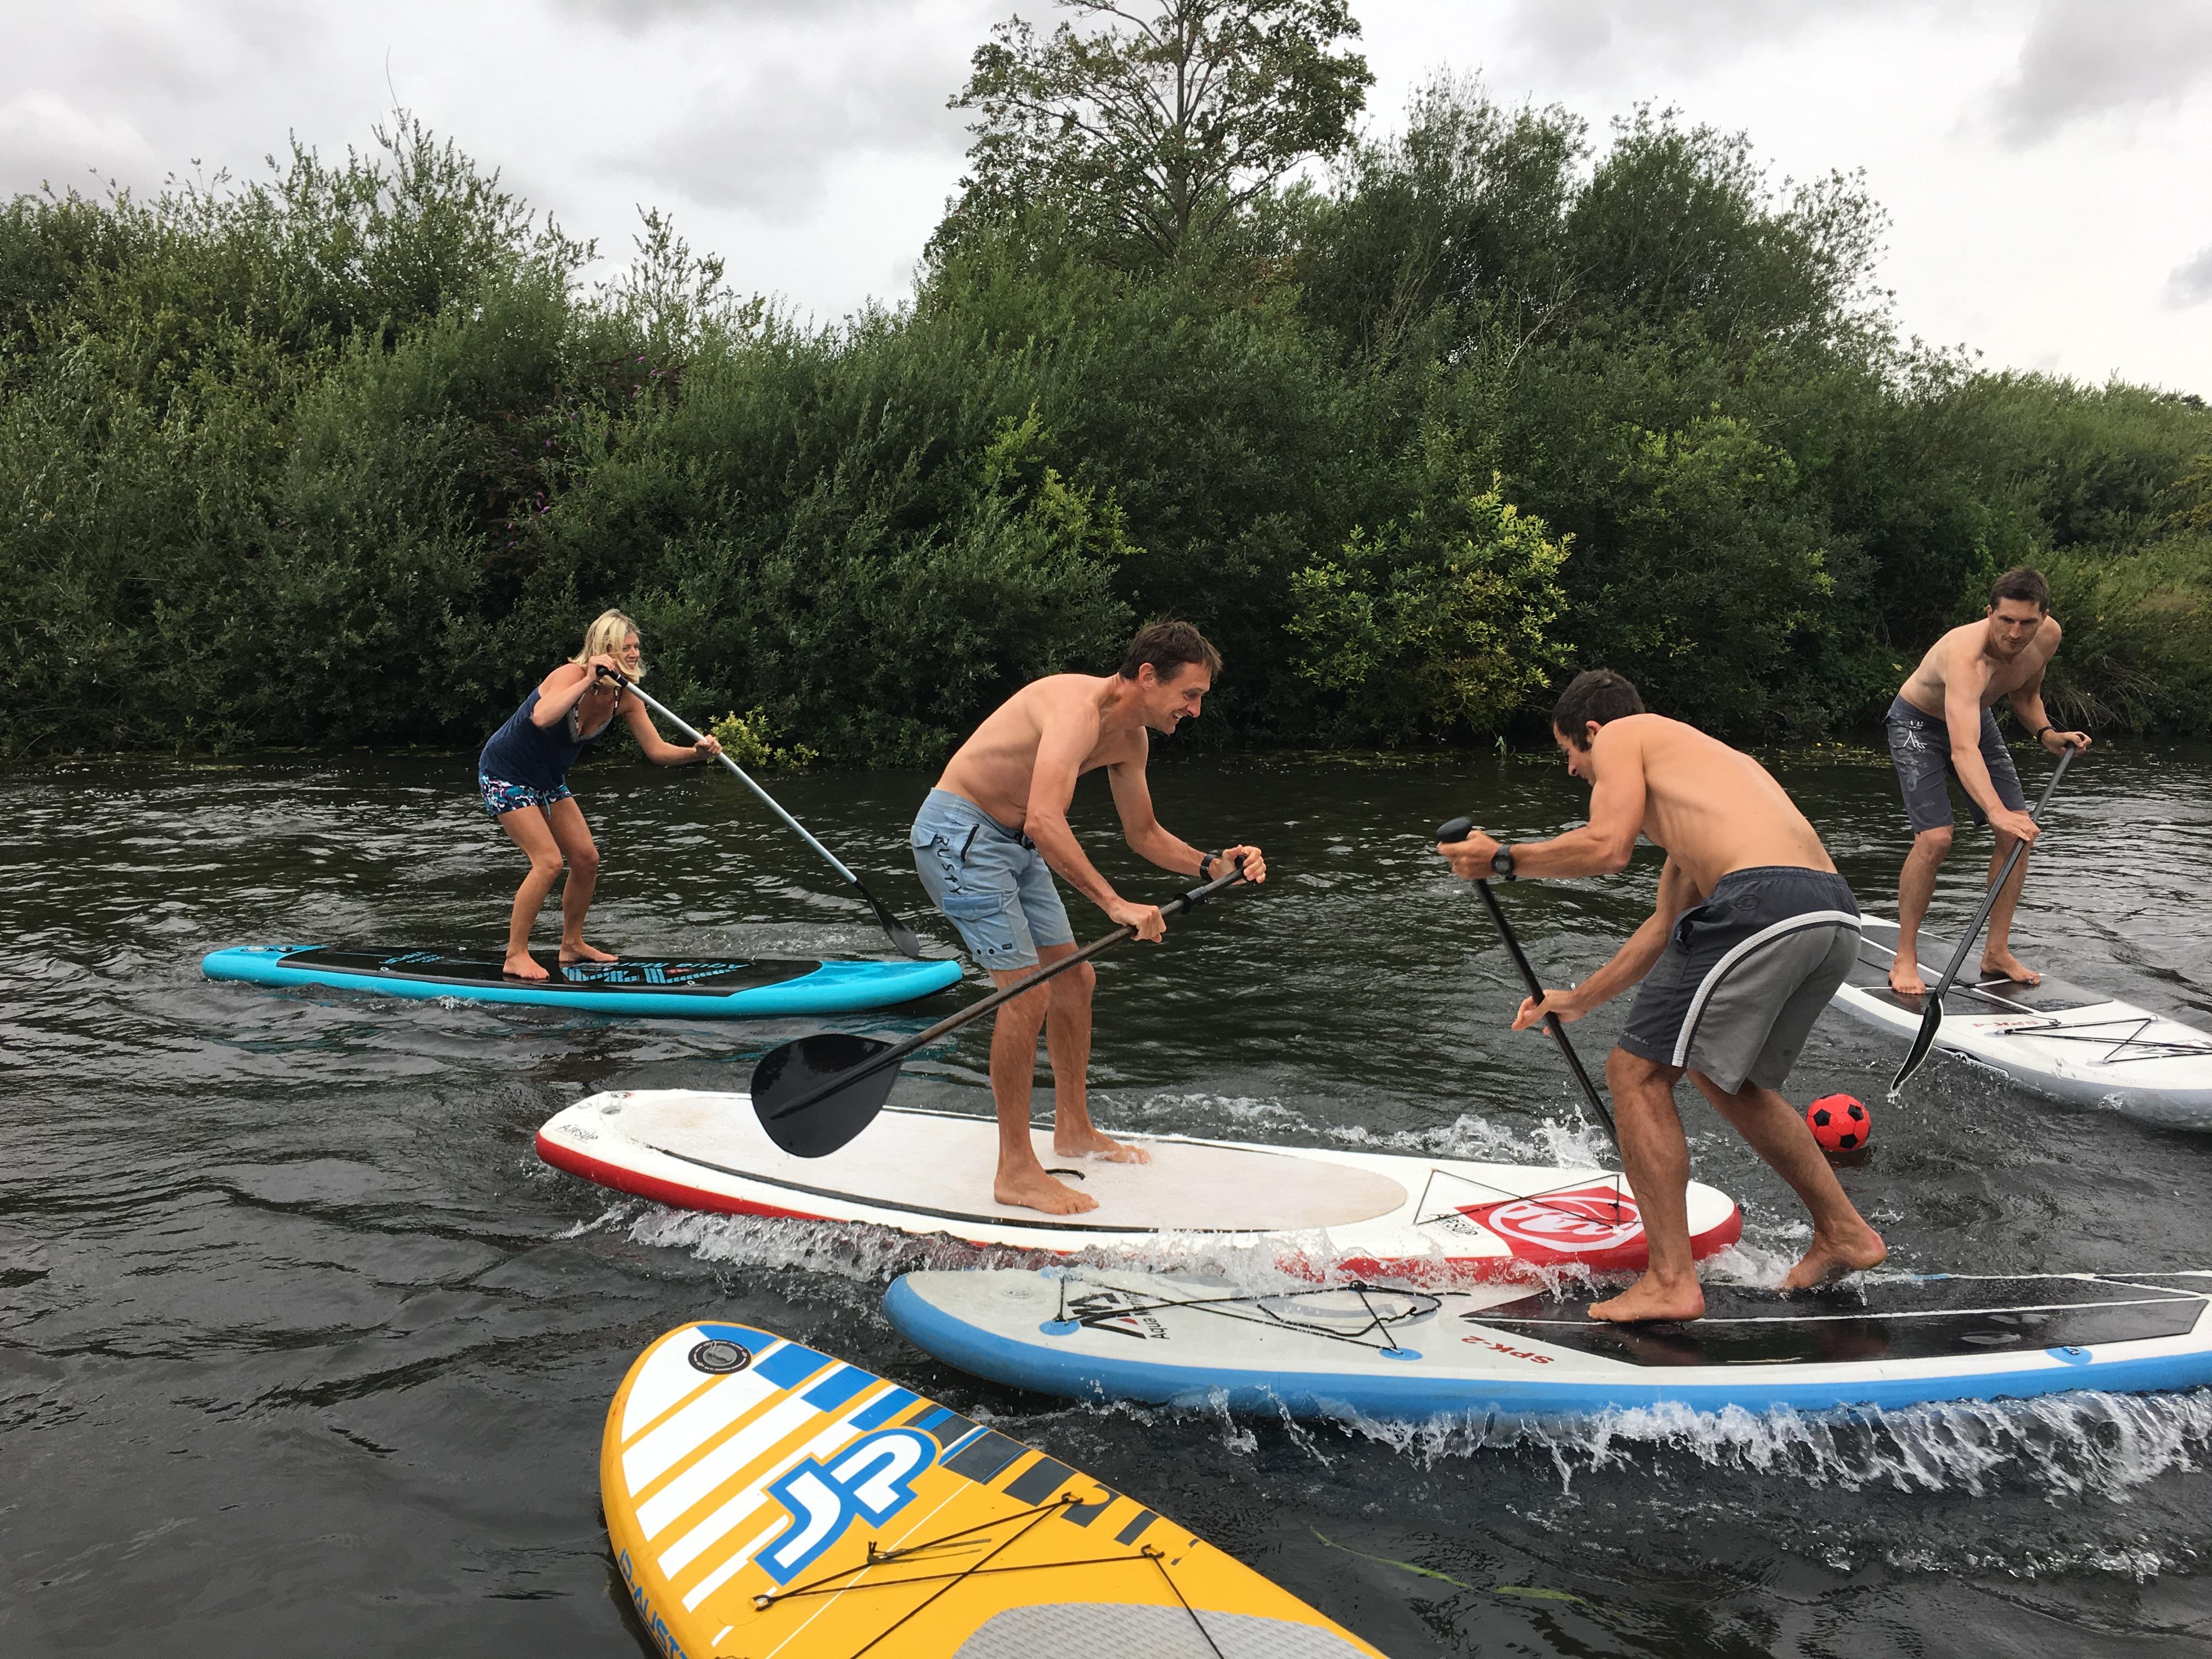 Bure River And SUP Polo